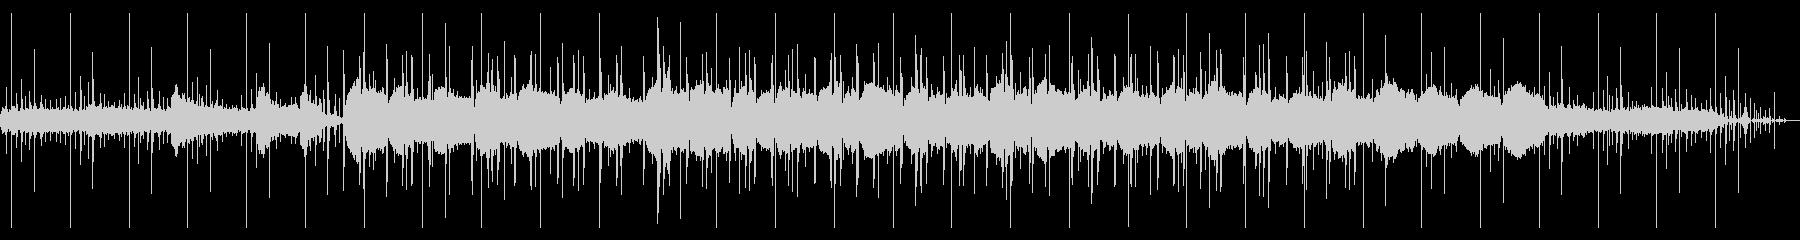 エレピとオルゴールのチル・ヒップホップの未再生の波形